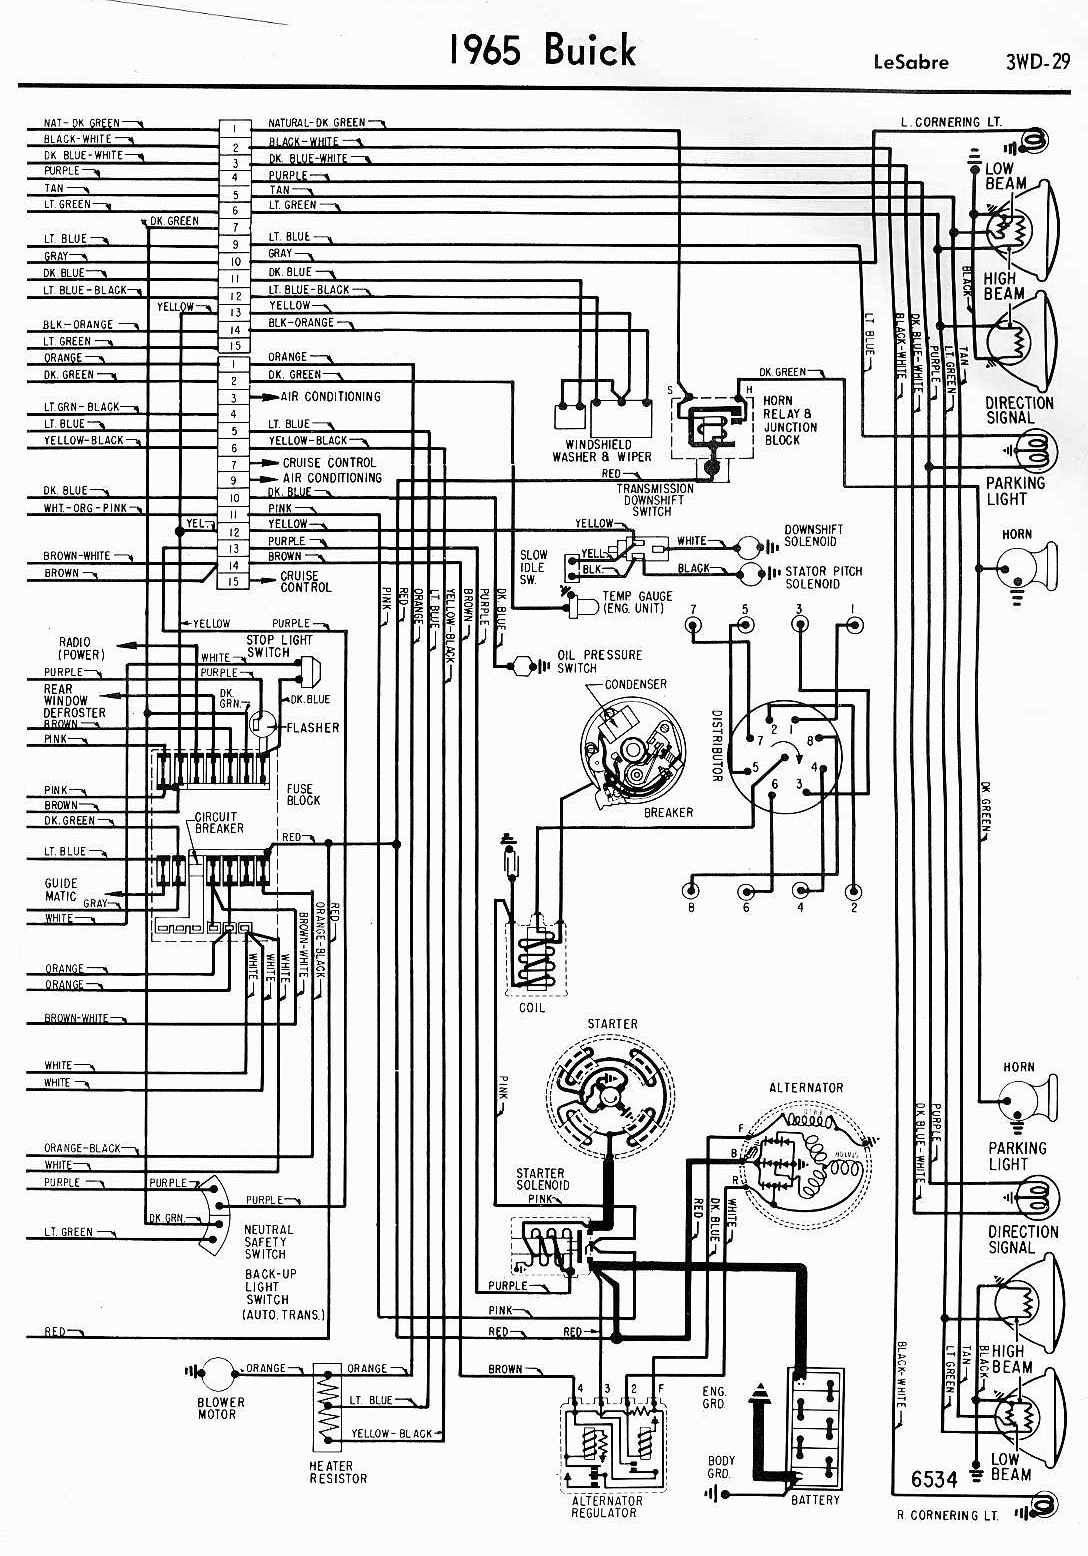 1979 Jeep Cj7 Electric Choke Wiring Diagram. Vw Polo Wiring ...